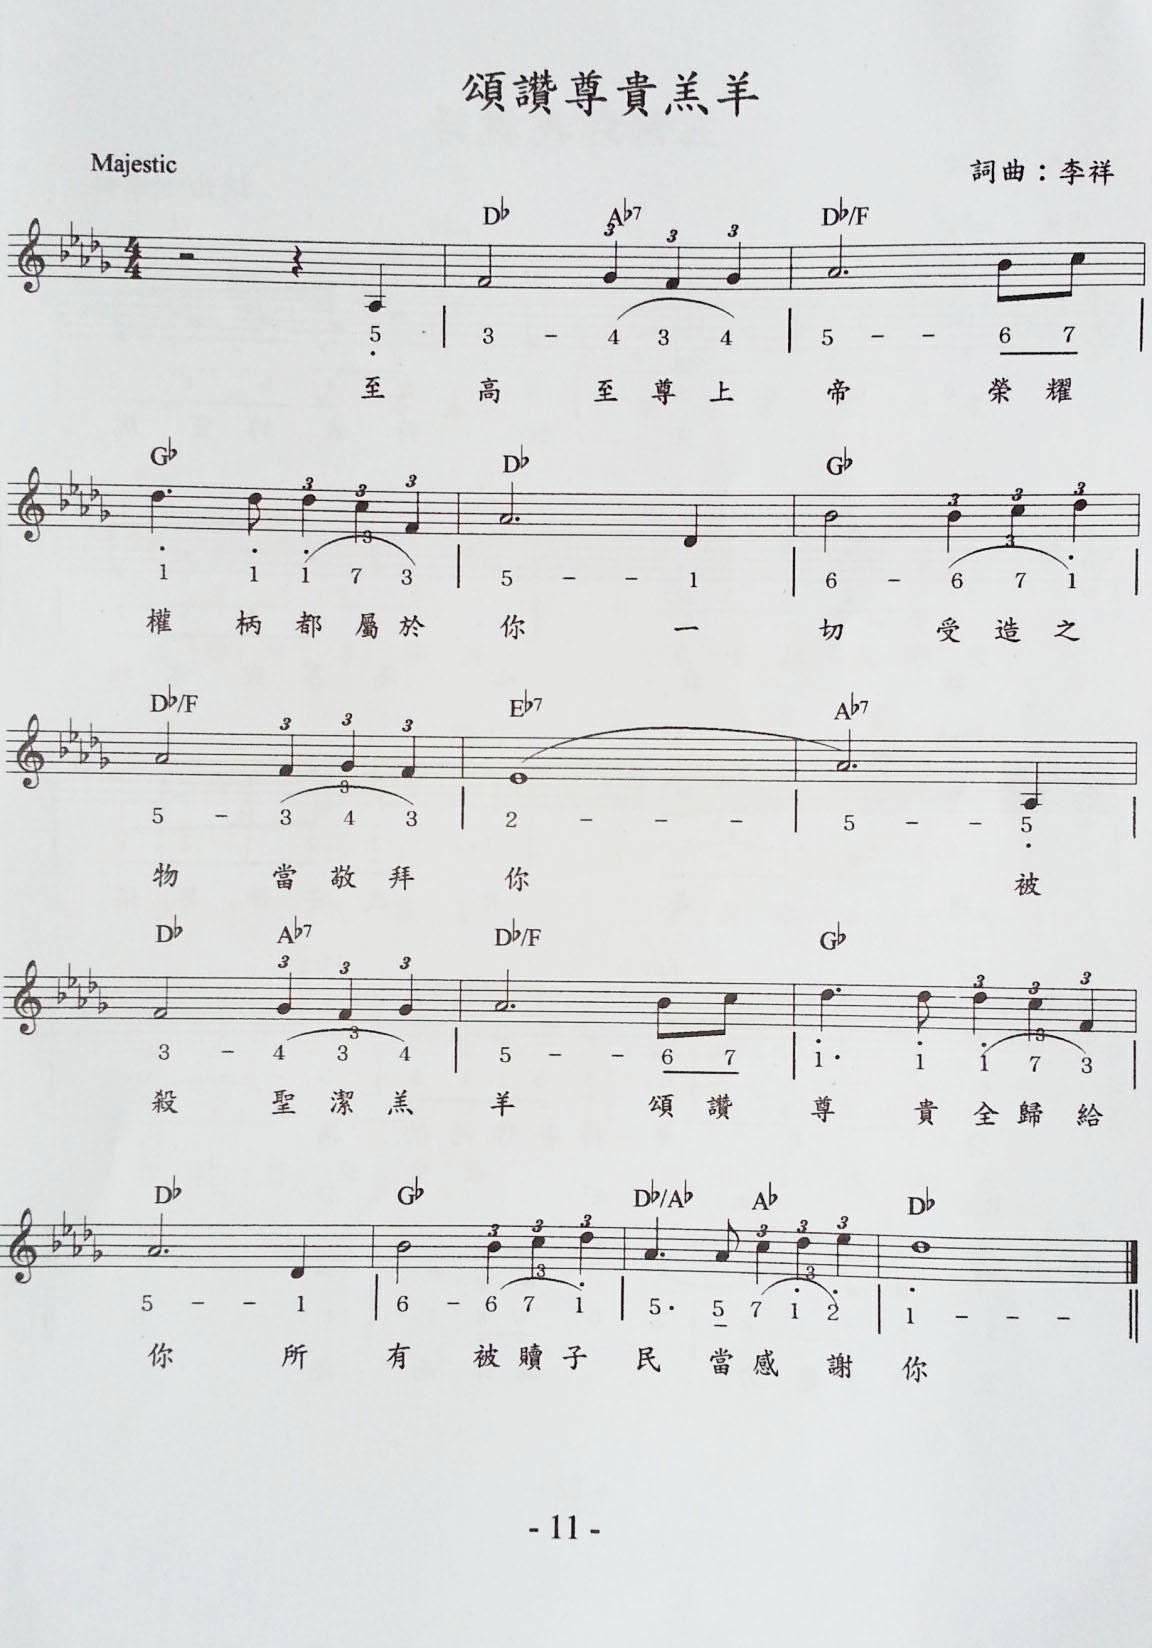 马六只小羊羔的谱子-颂赞尊贵羔羊 和弦五线谱